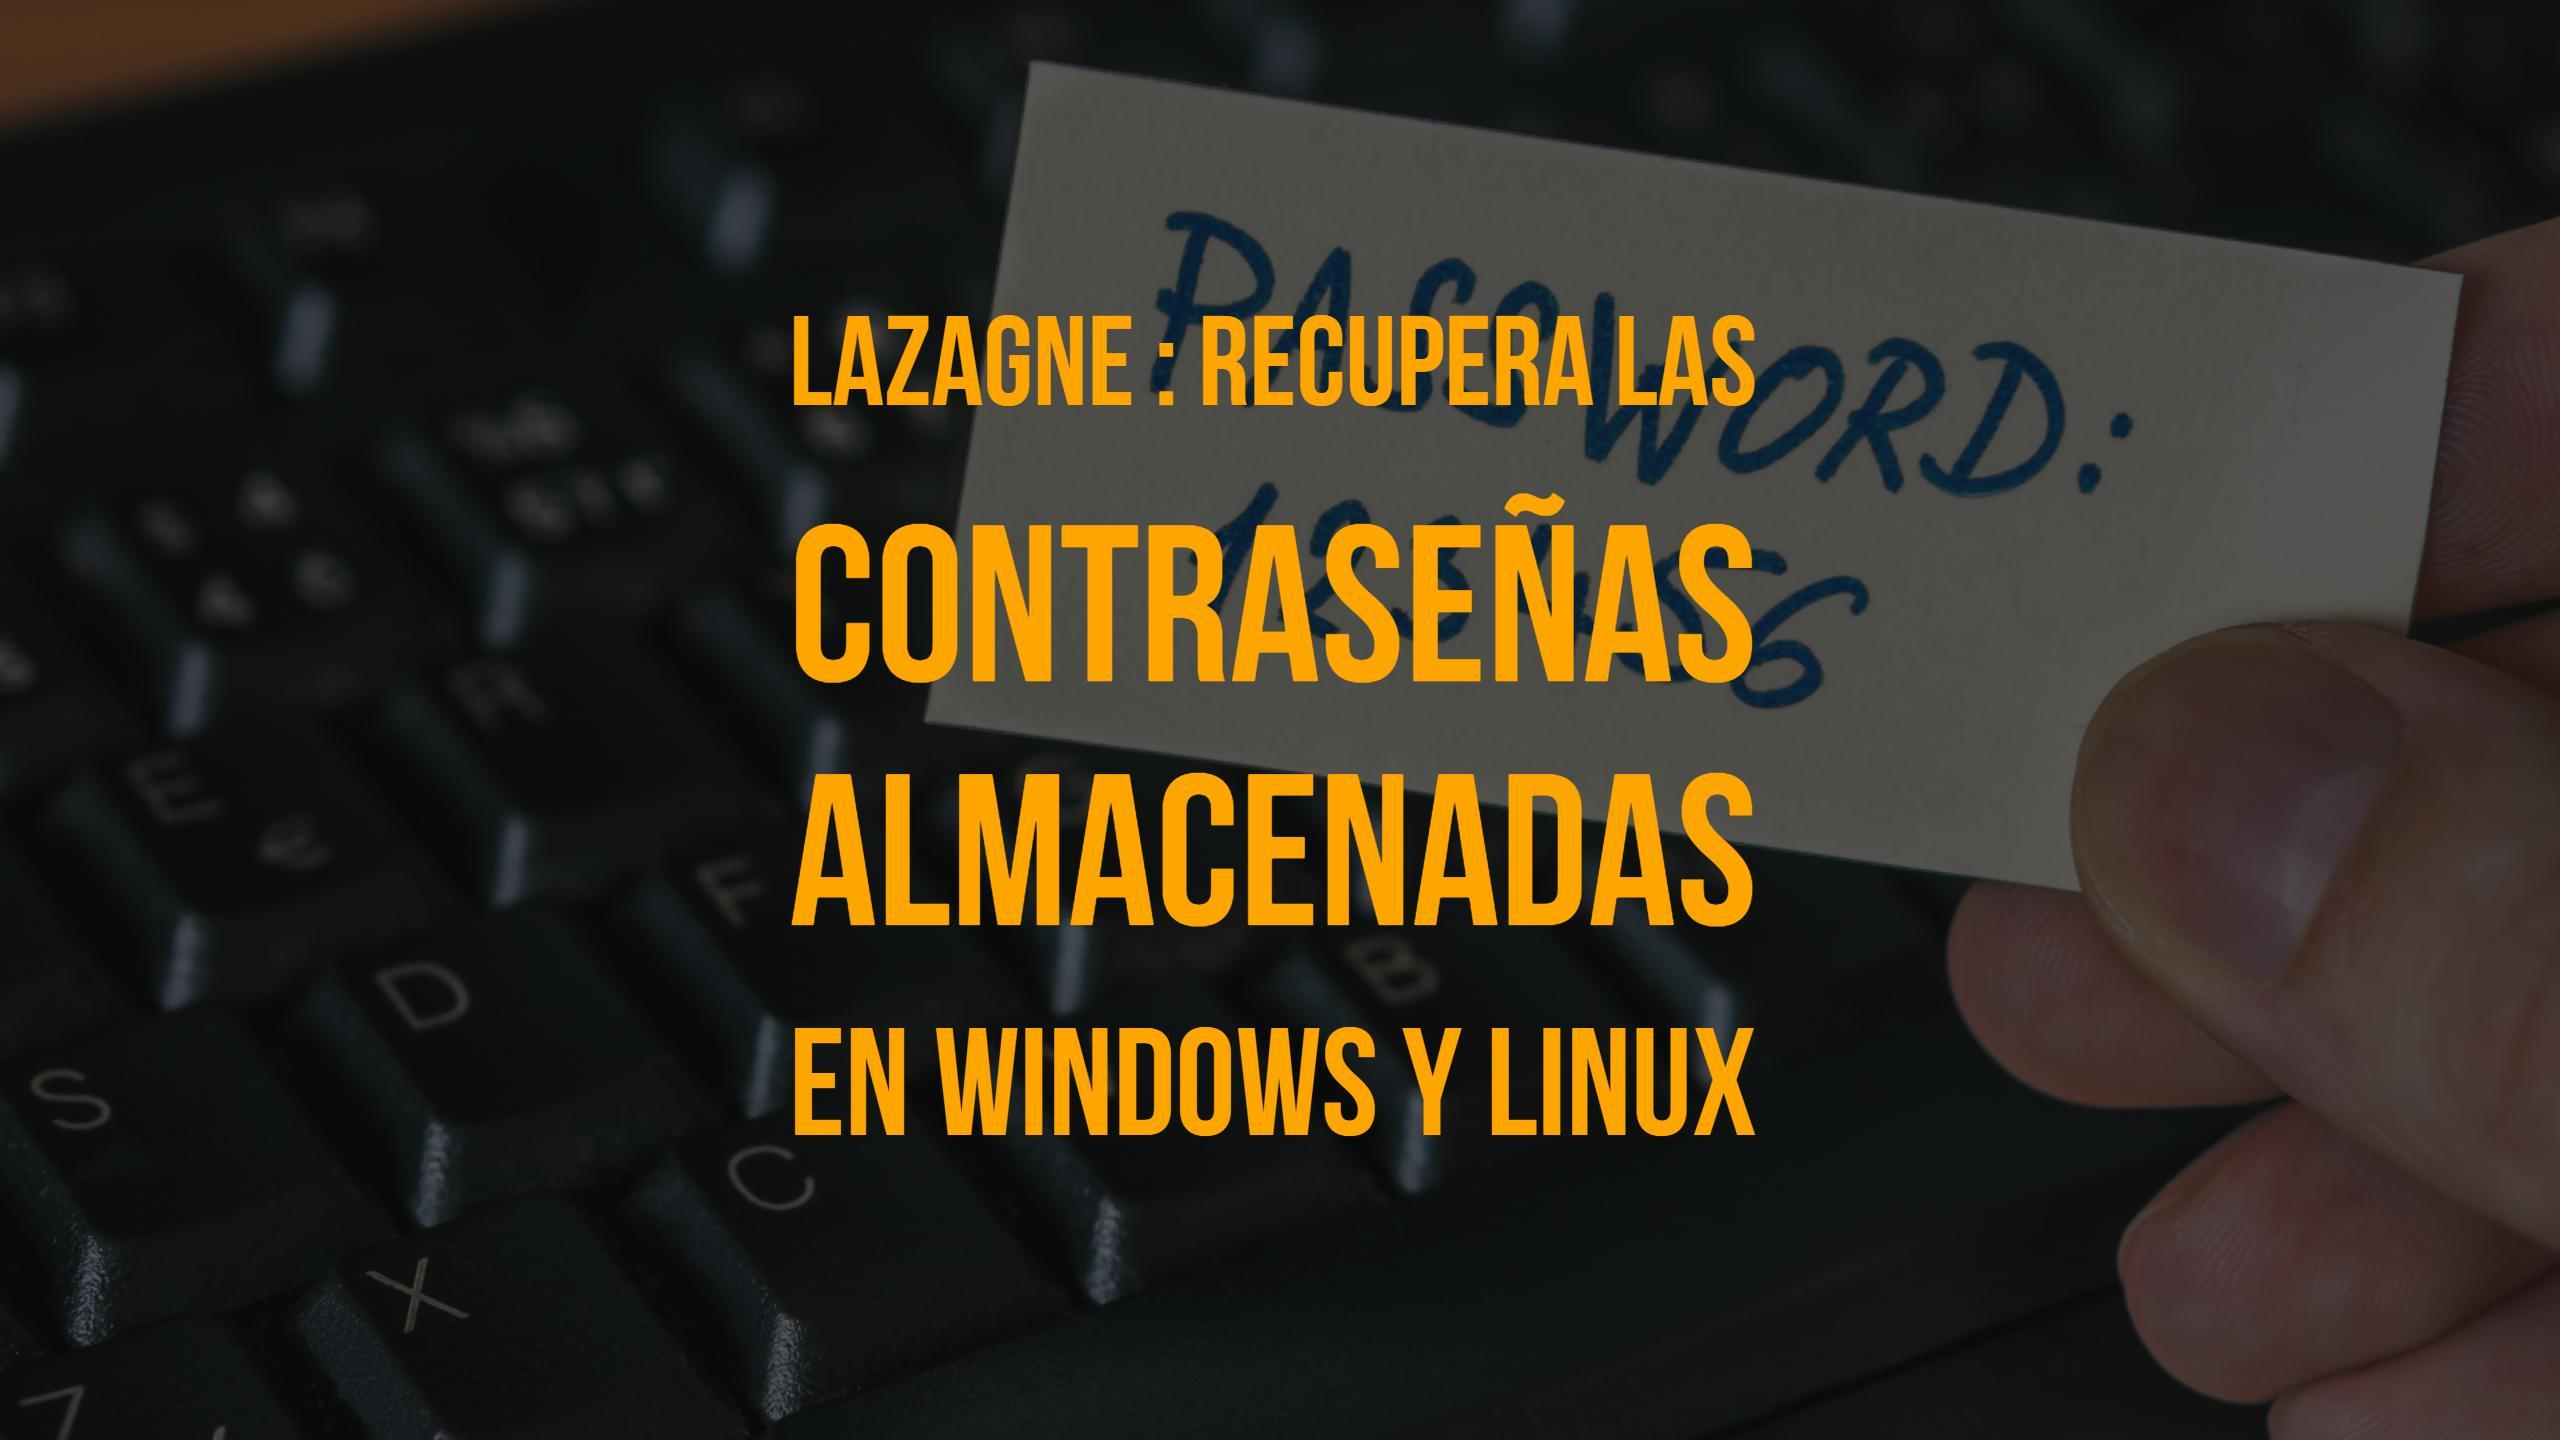 LaZagne v2.2 : Recupera las contraseñas almacenadas en Windows y linux